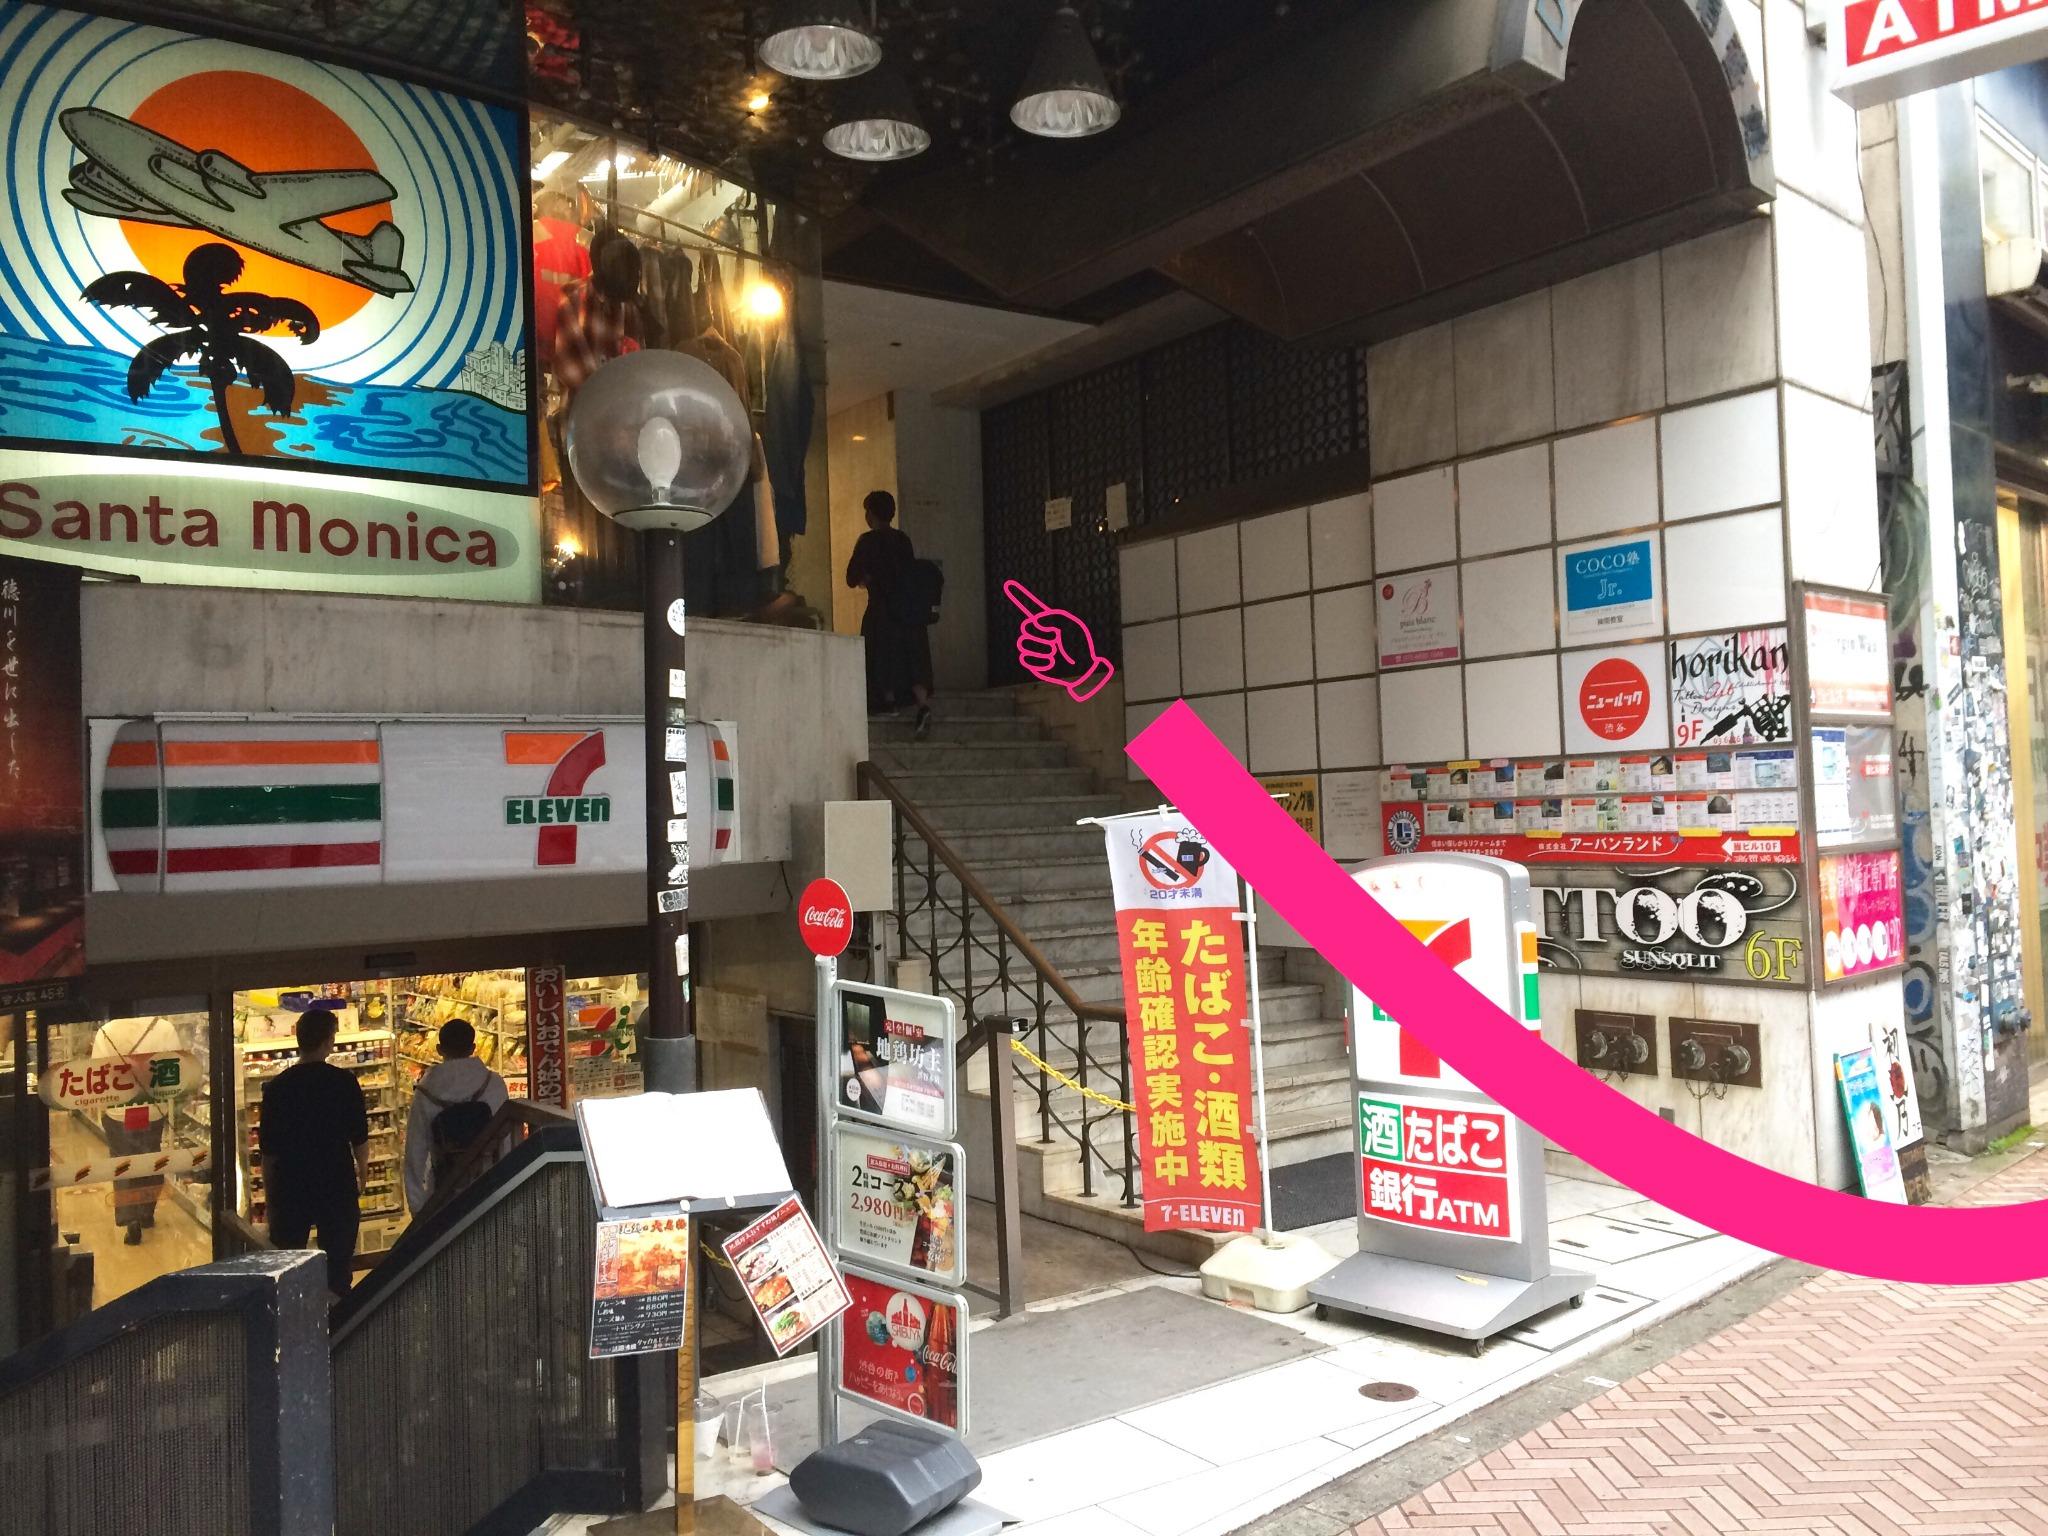 東京渋谷で当たると口コミ殺到の明蘭先生が在籍の占い館BCAFE(ビーカフェ)渋谷店は、ダイネス壱番館渋谷(1階にセブンイレブン)のビル8階です。階段を上った奥の左手にエレベーターがあります。